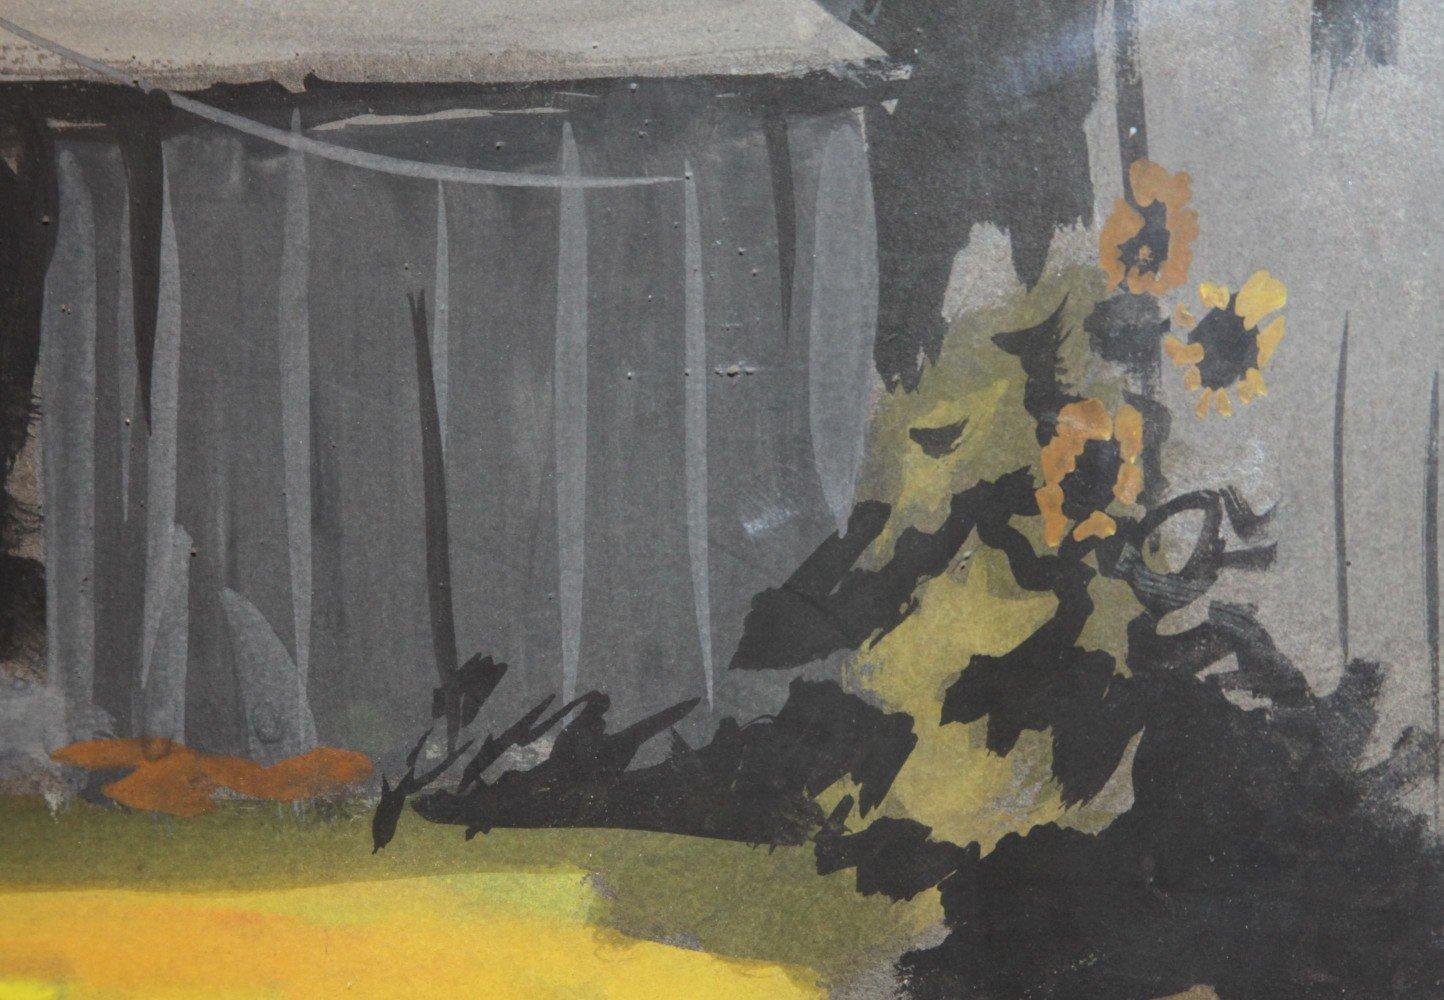 Landscape Gouache on Paper Painting: